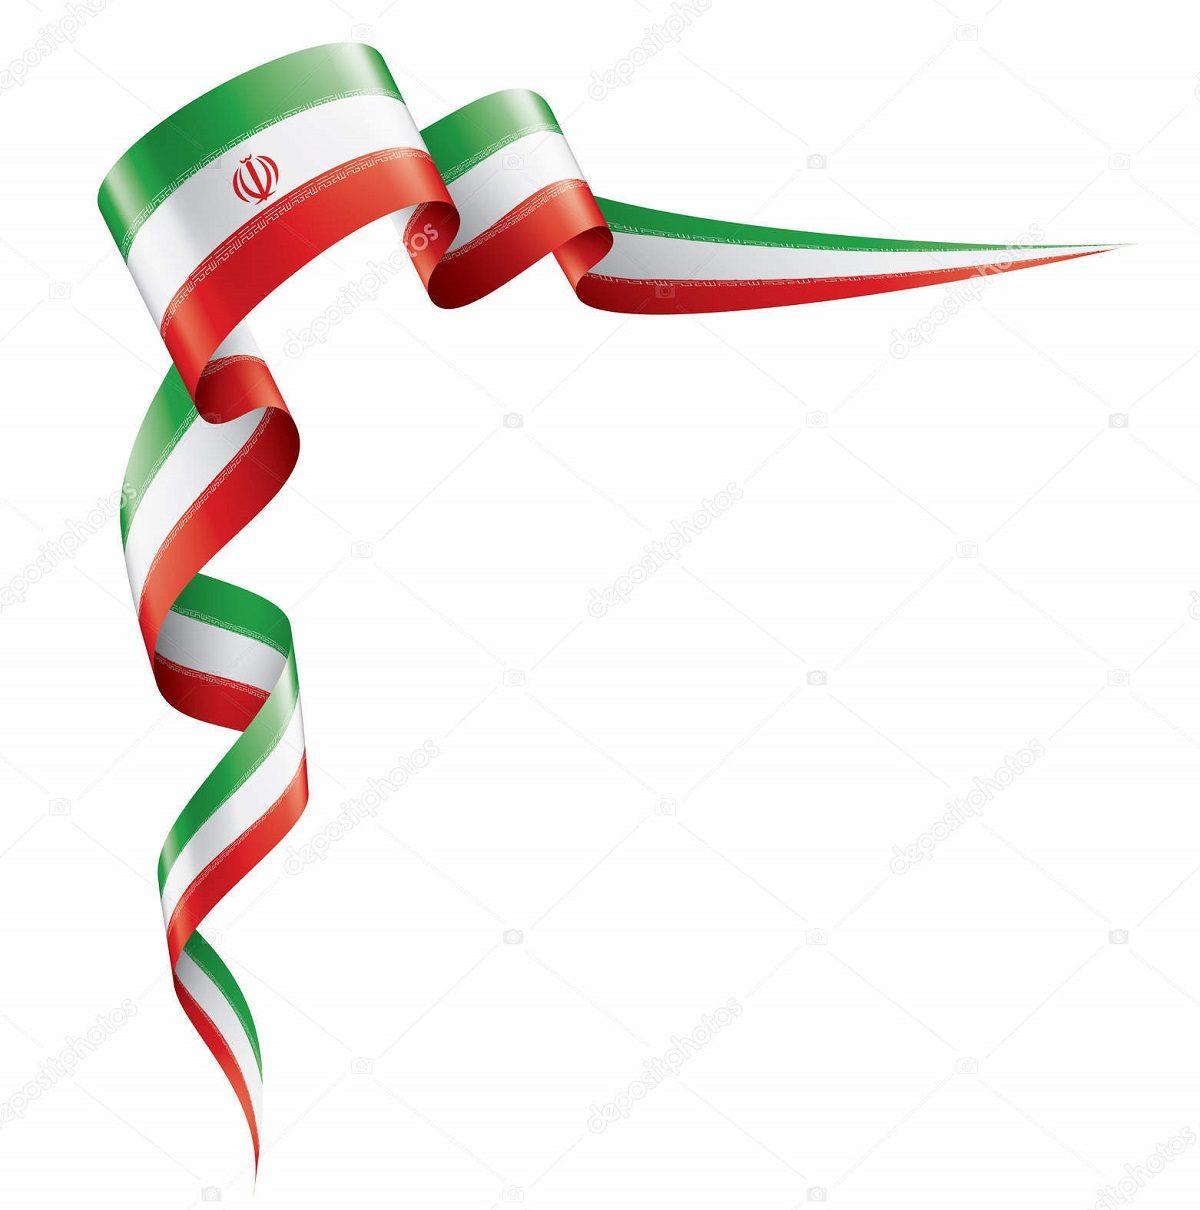 عکس بدون زمینه پرچم ایران برای طراحی